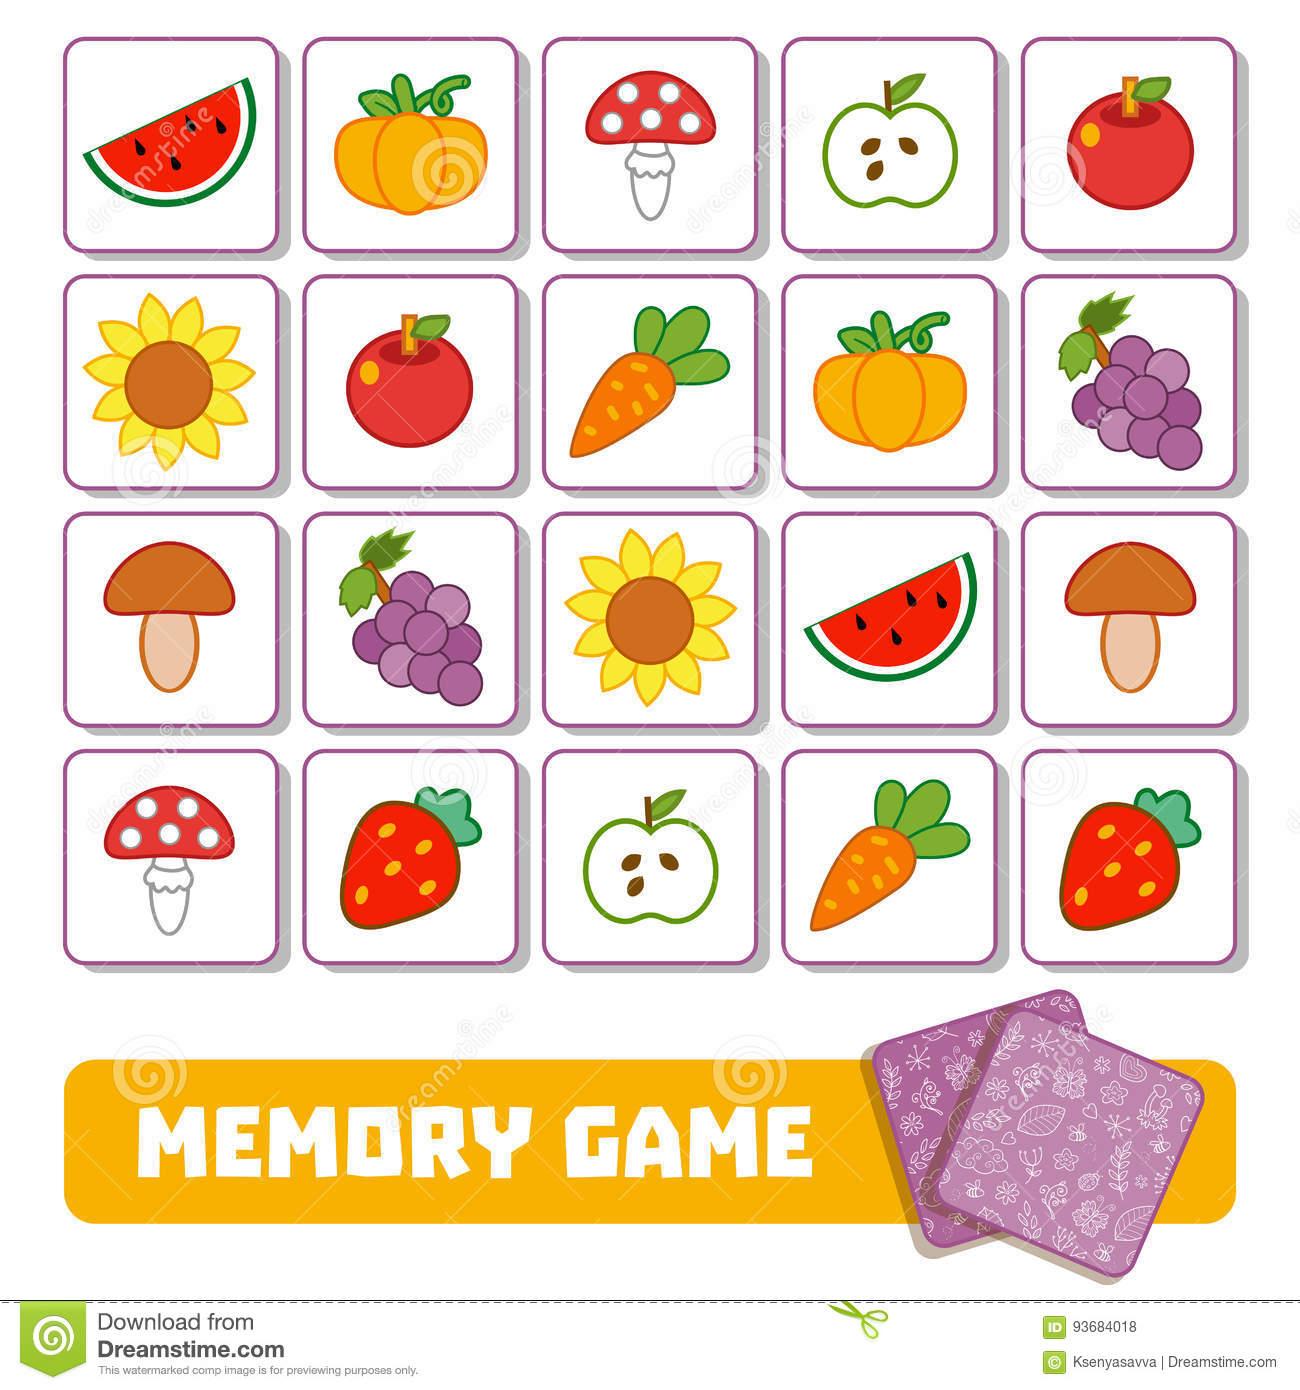 Jeu De Mémoire Pour Les Enfants, Cartes Avec Des Fruits Et avec Jeux De Memoire Pour Enfant